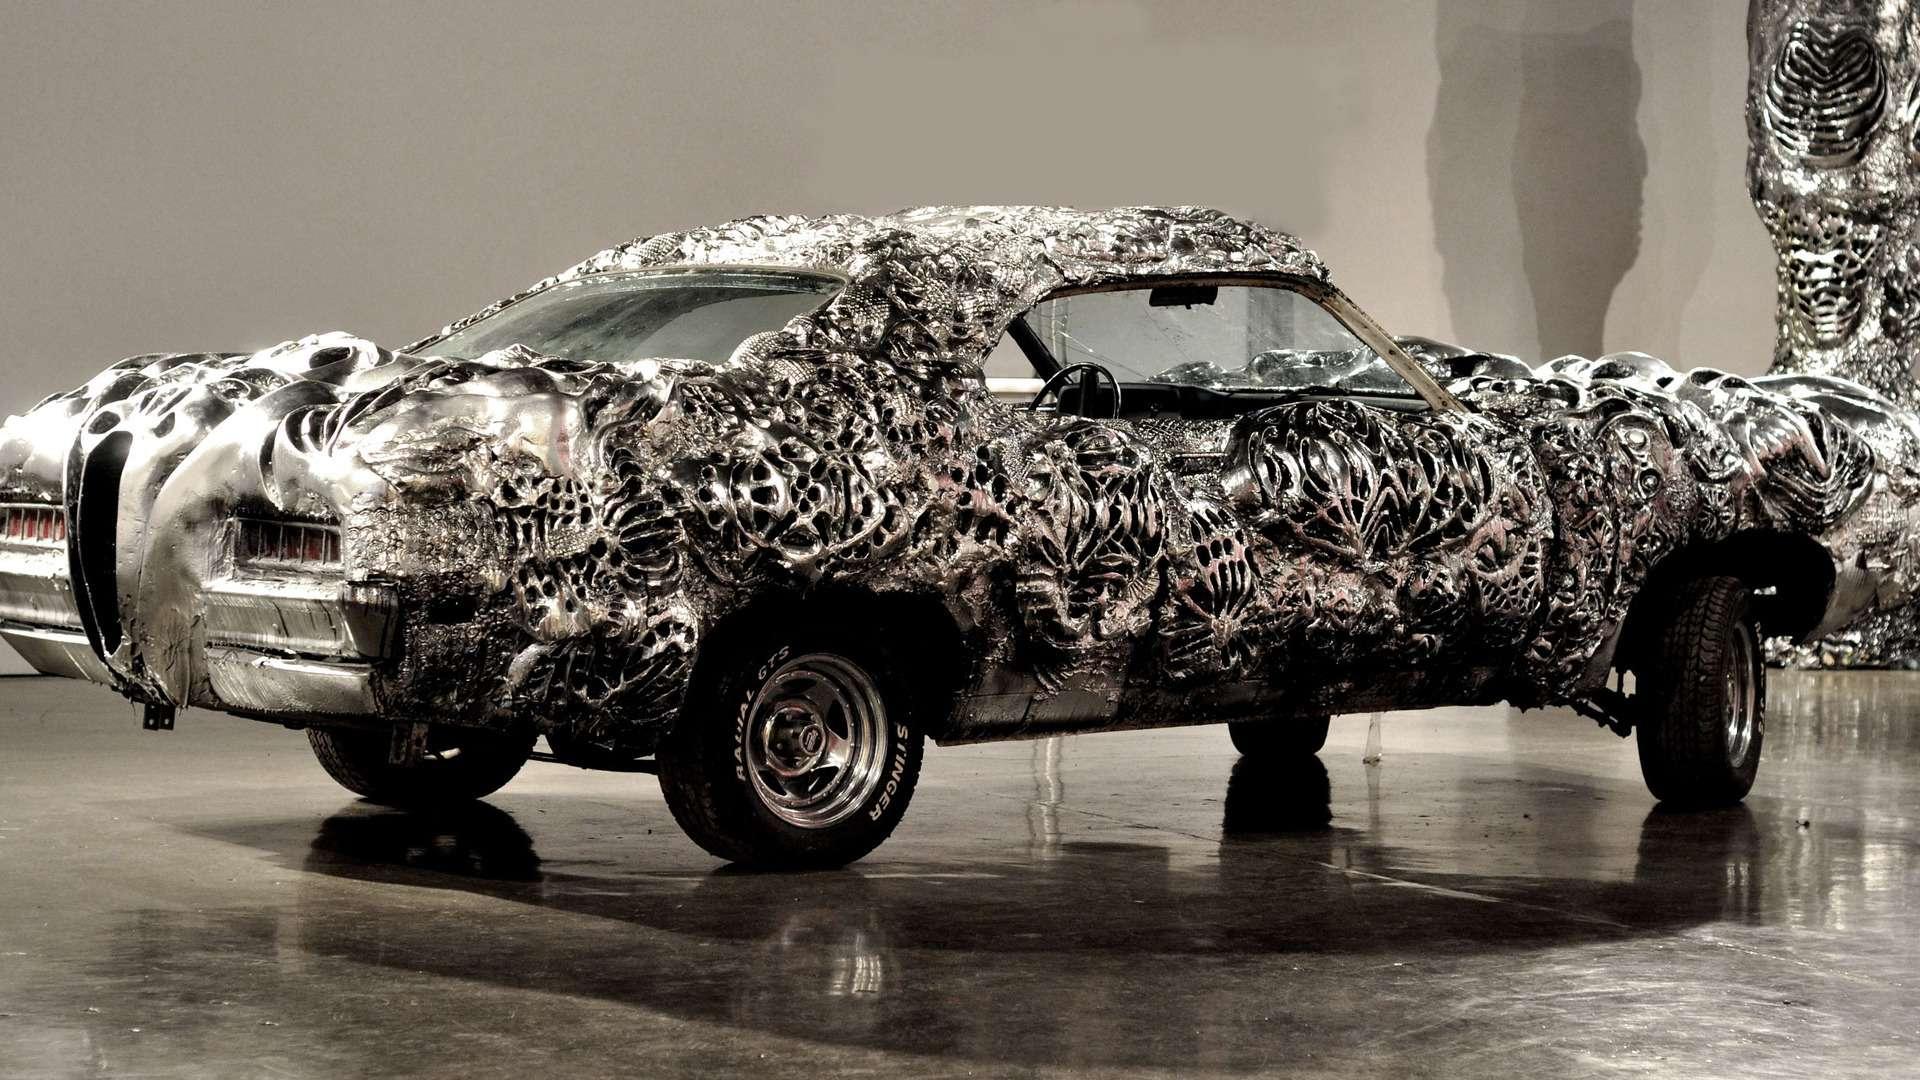 Автомобиль-ужас из3D-принтера: распечатал ипродал— фото 695693